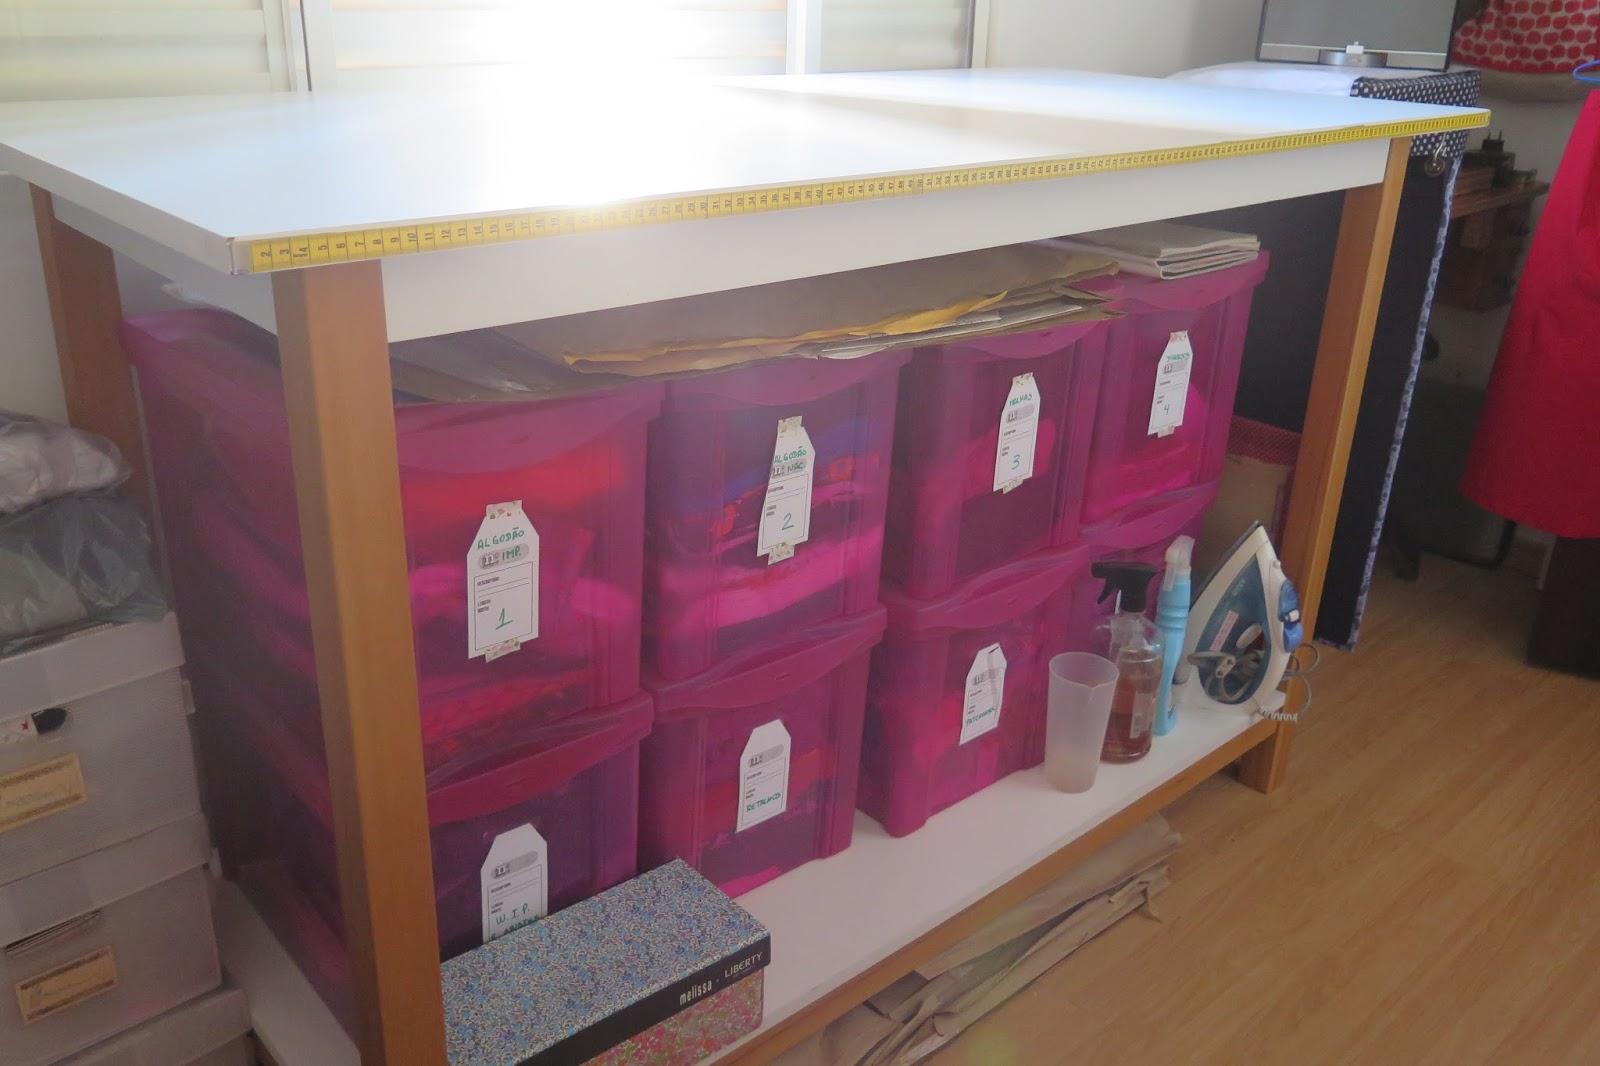 Costura katia costura meu ateli mesa de corte e - Mesas para costura ...